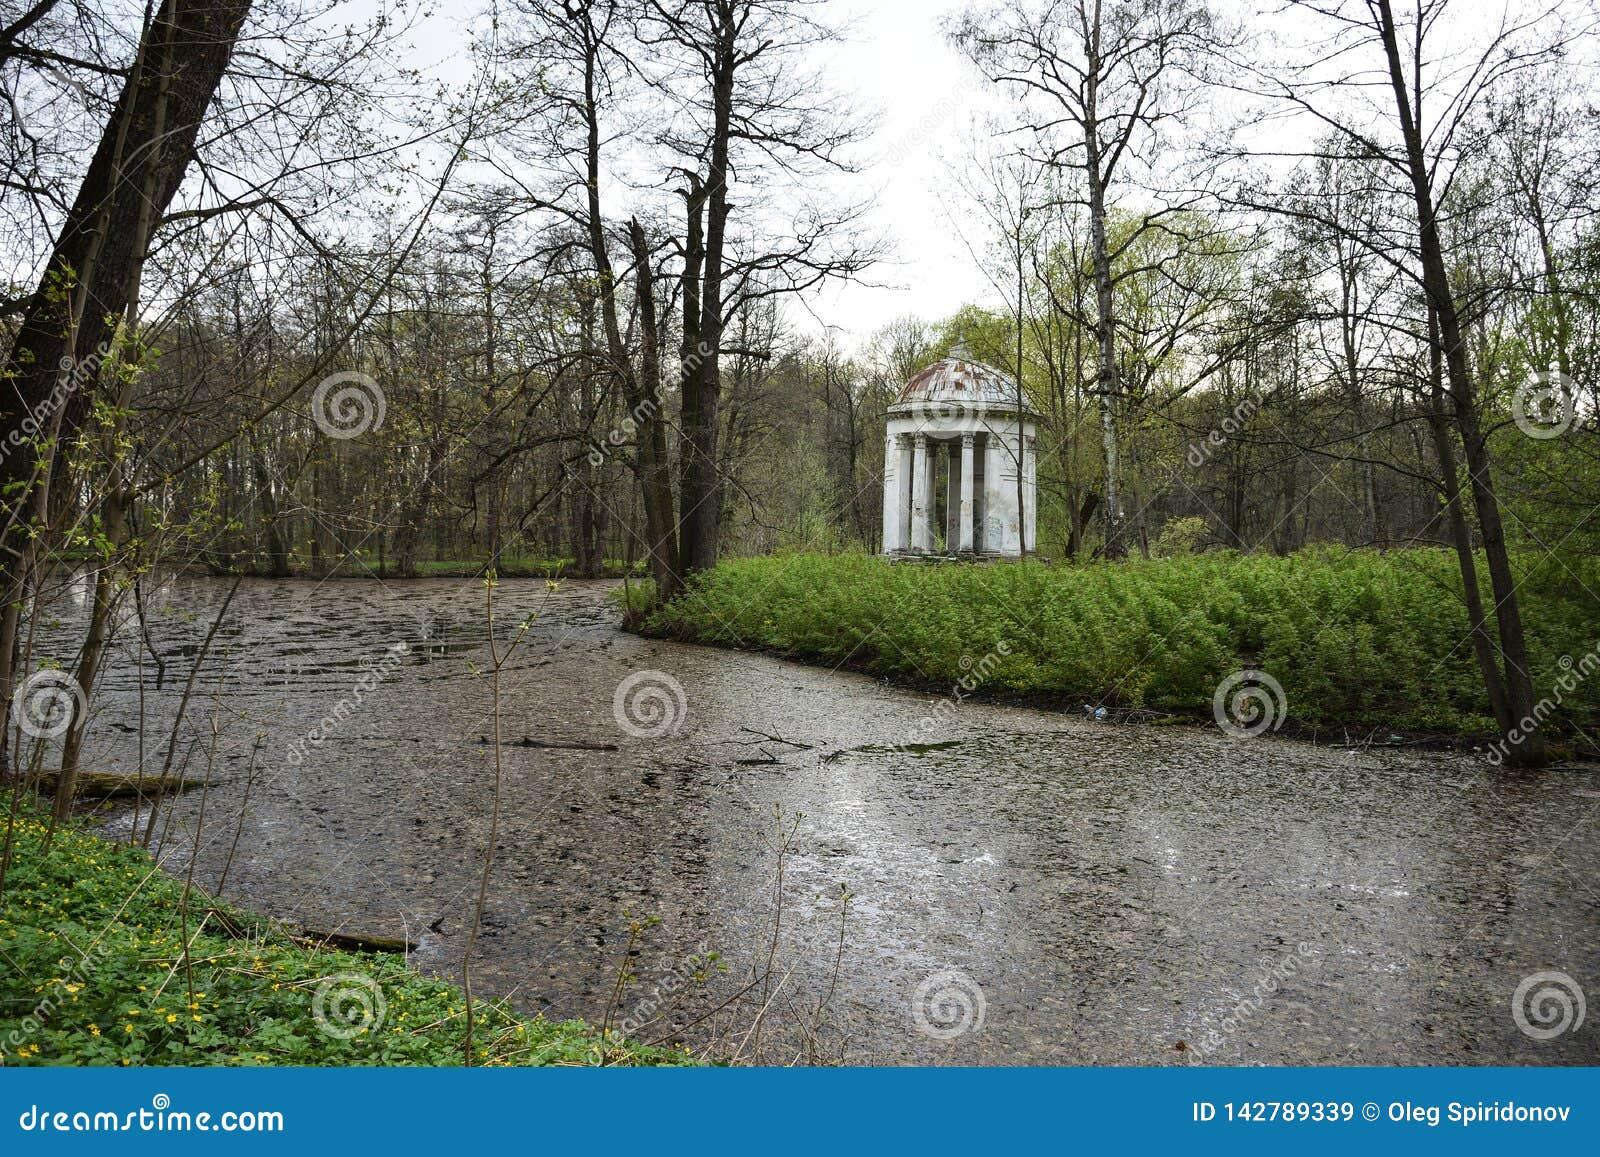 Rotunda in Bykovo